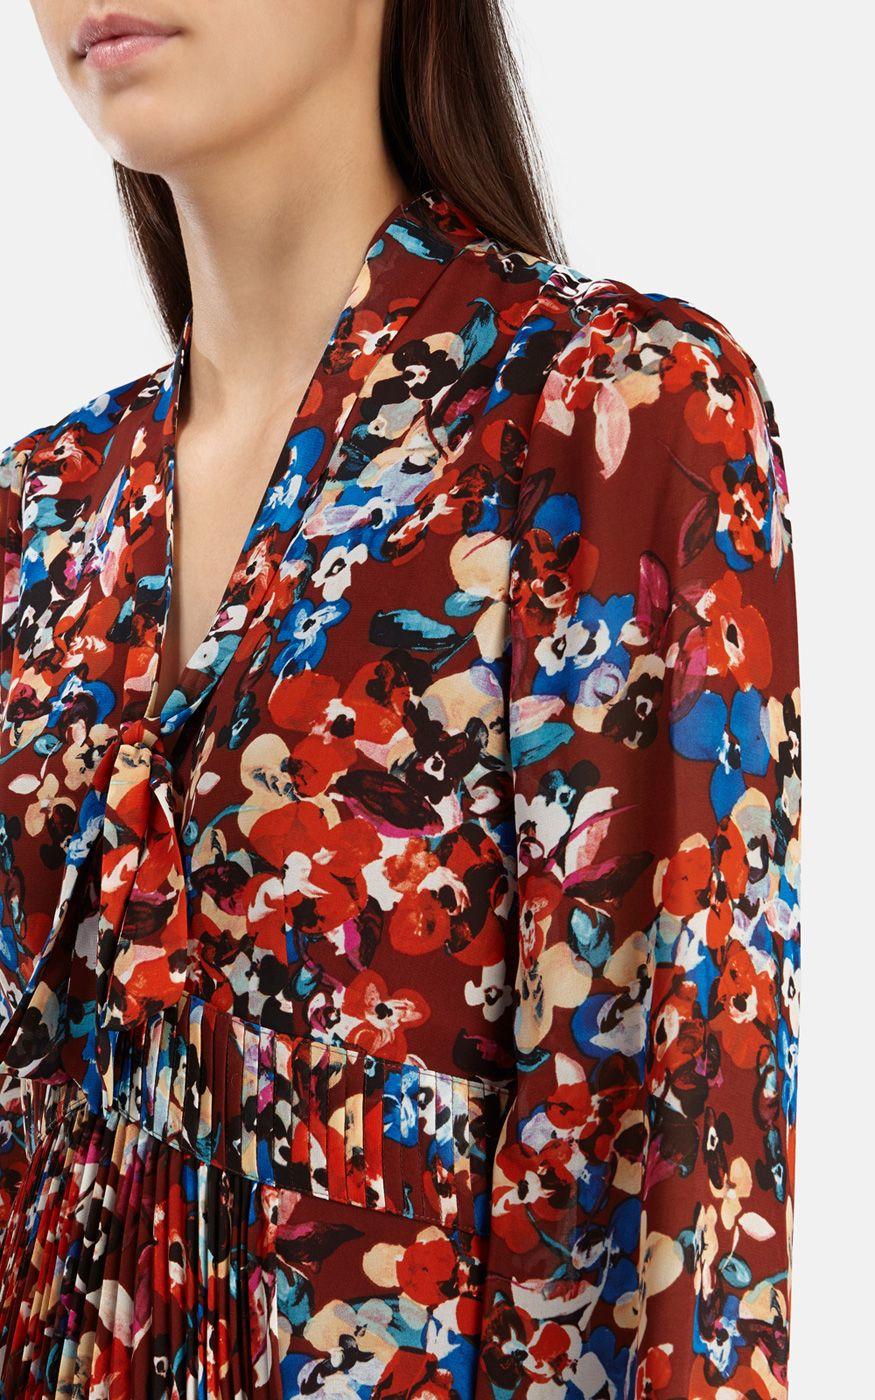 Karen Millen Red Floral Print Dress